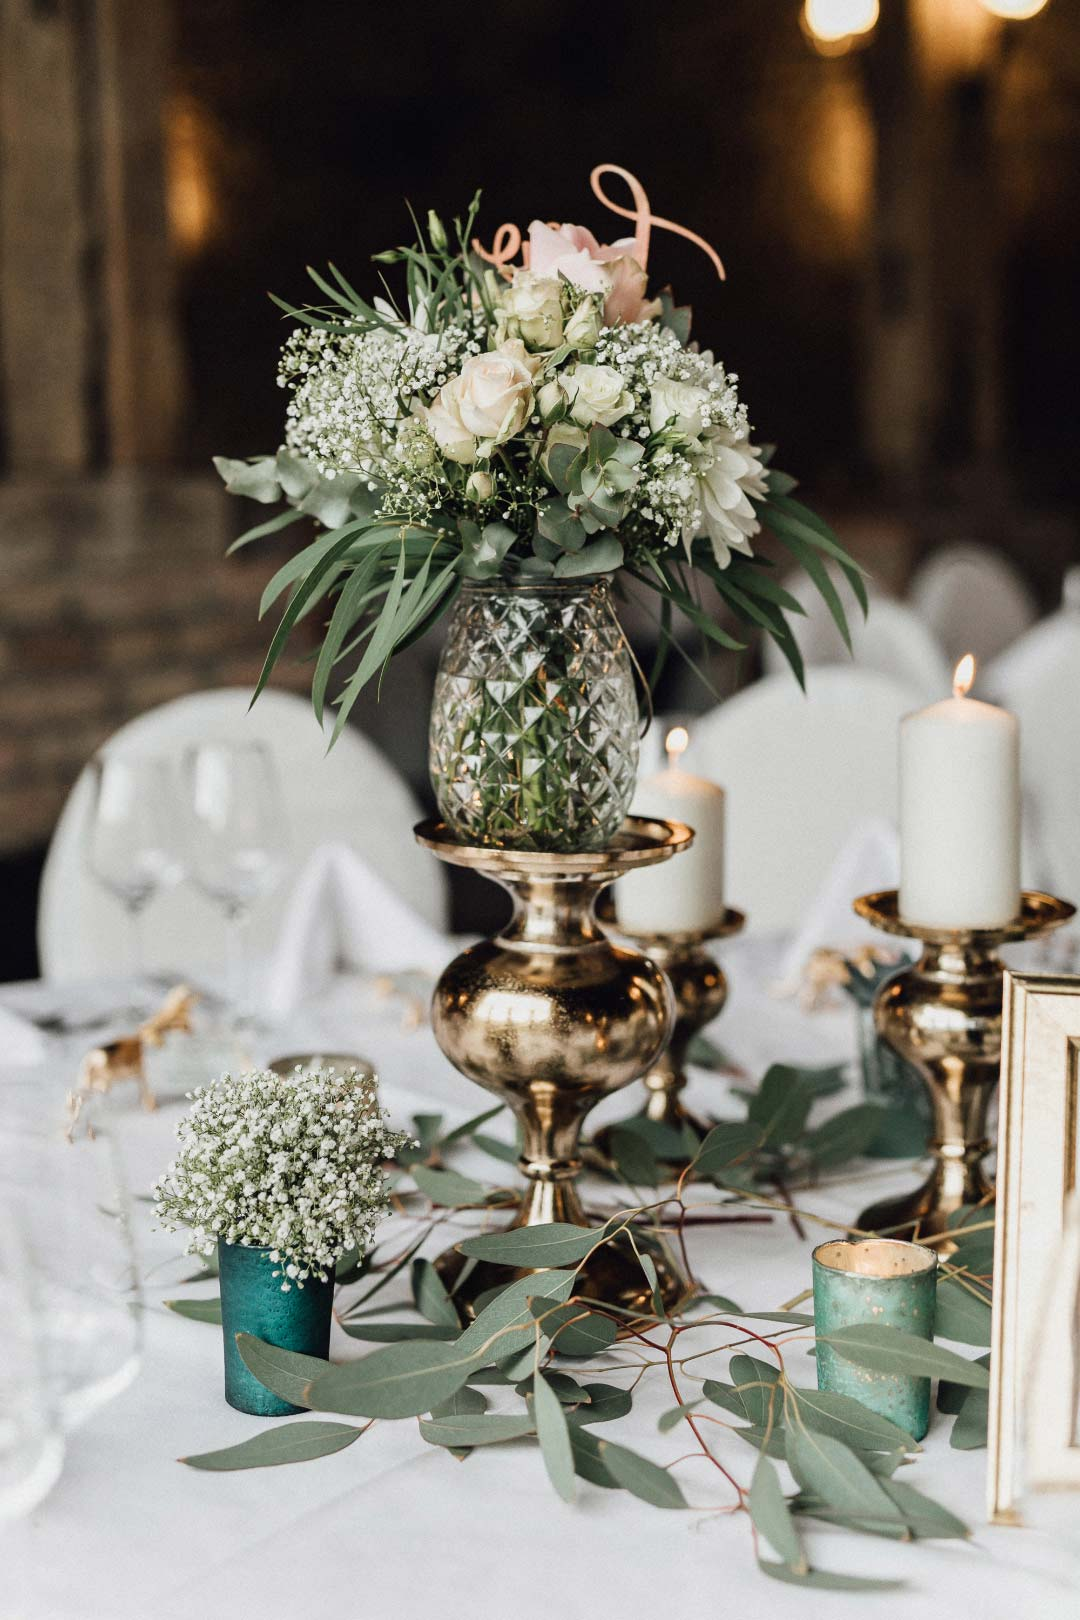 Tischdekoration am Tag der Hochzeit mit Schleierkraut und Gold Akzenten